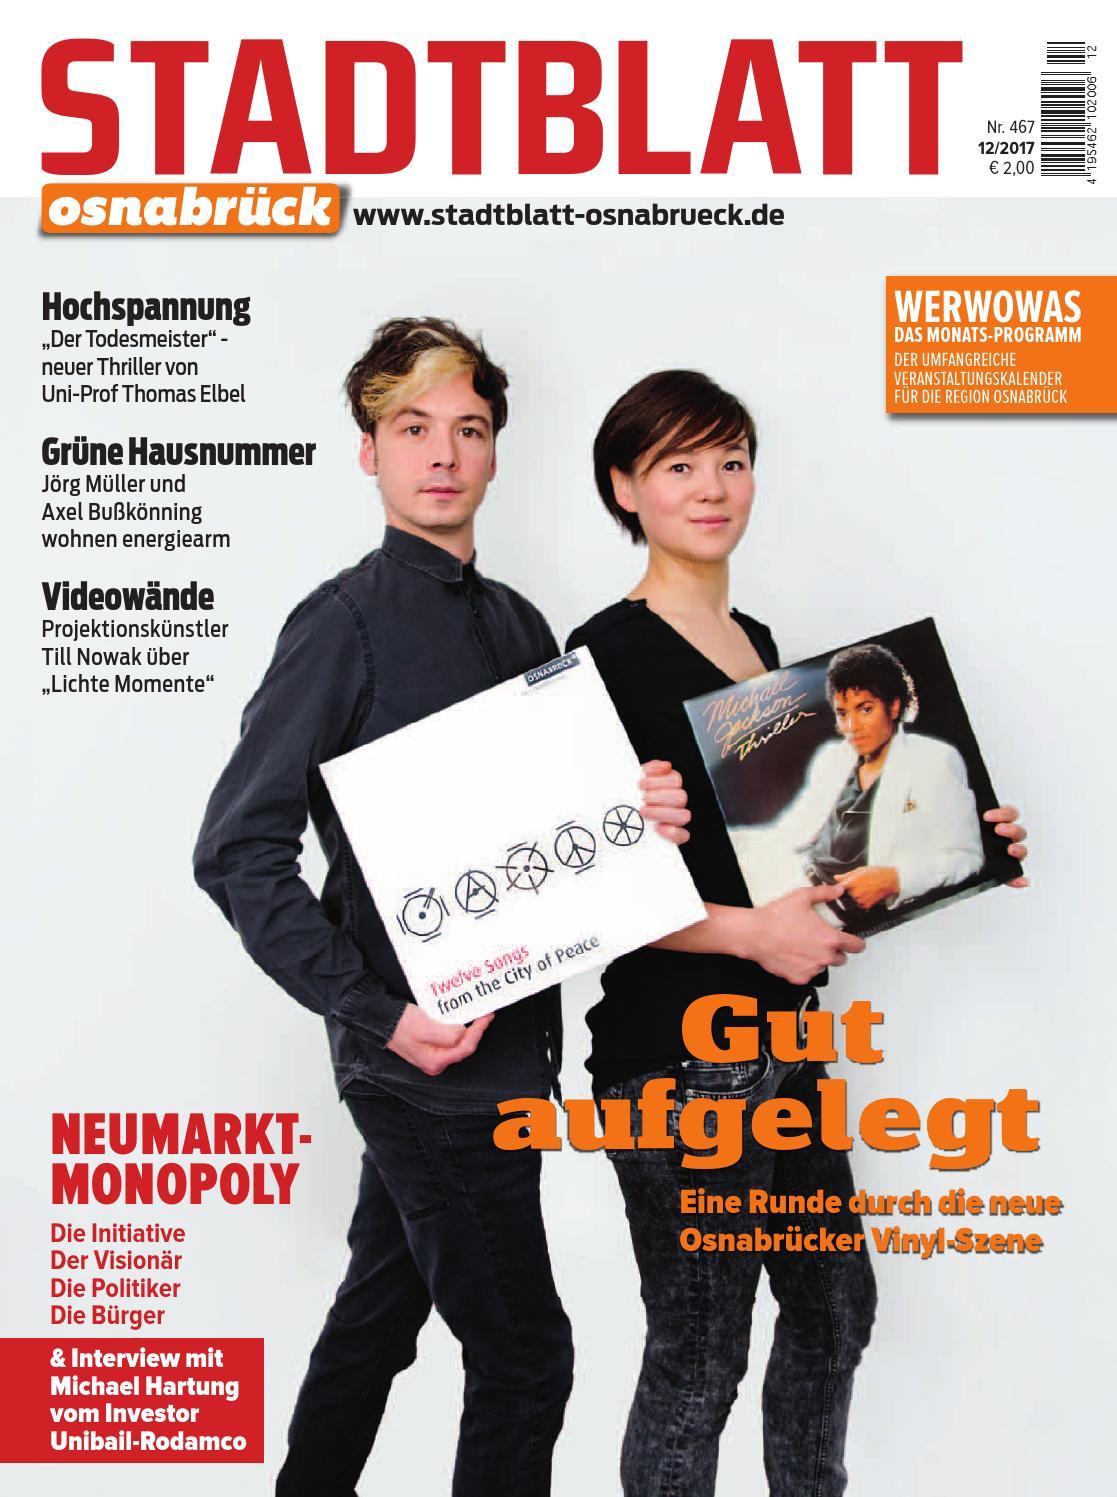 Stadtblatt 2017 12 by bvw werbeagentur - issuu